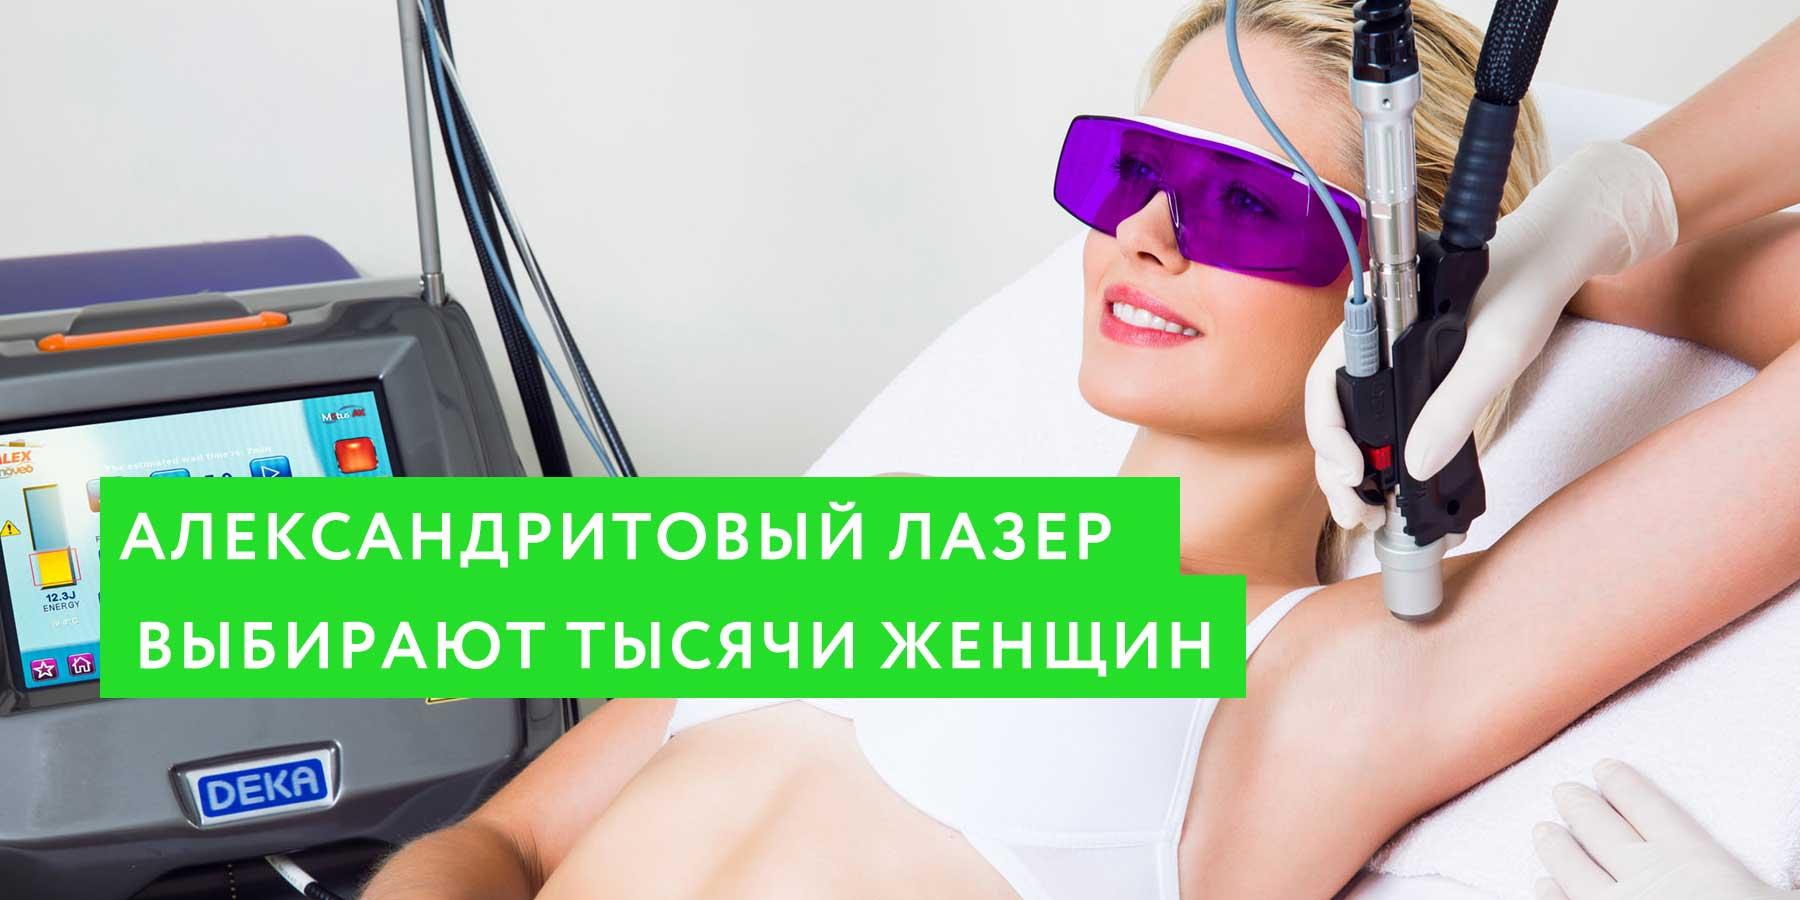 Александритовый лазер: эпиляция, которую выбирают тысячи женщин